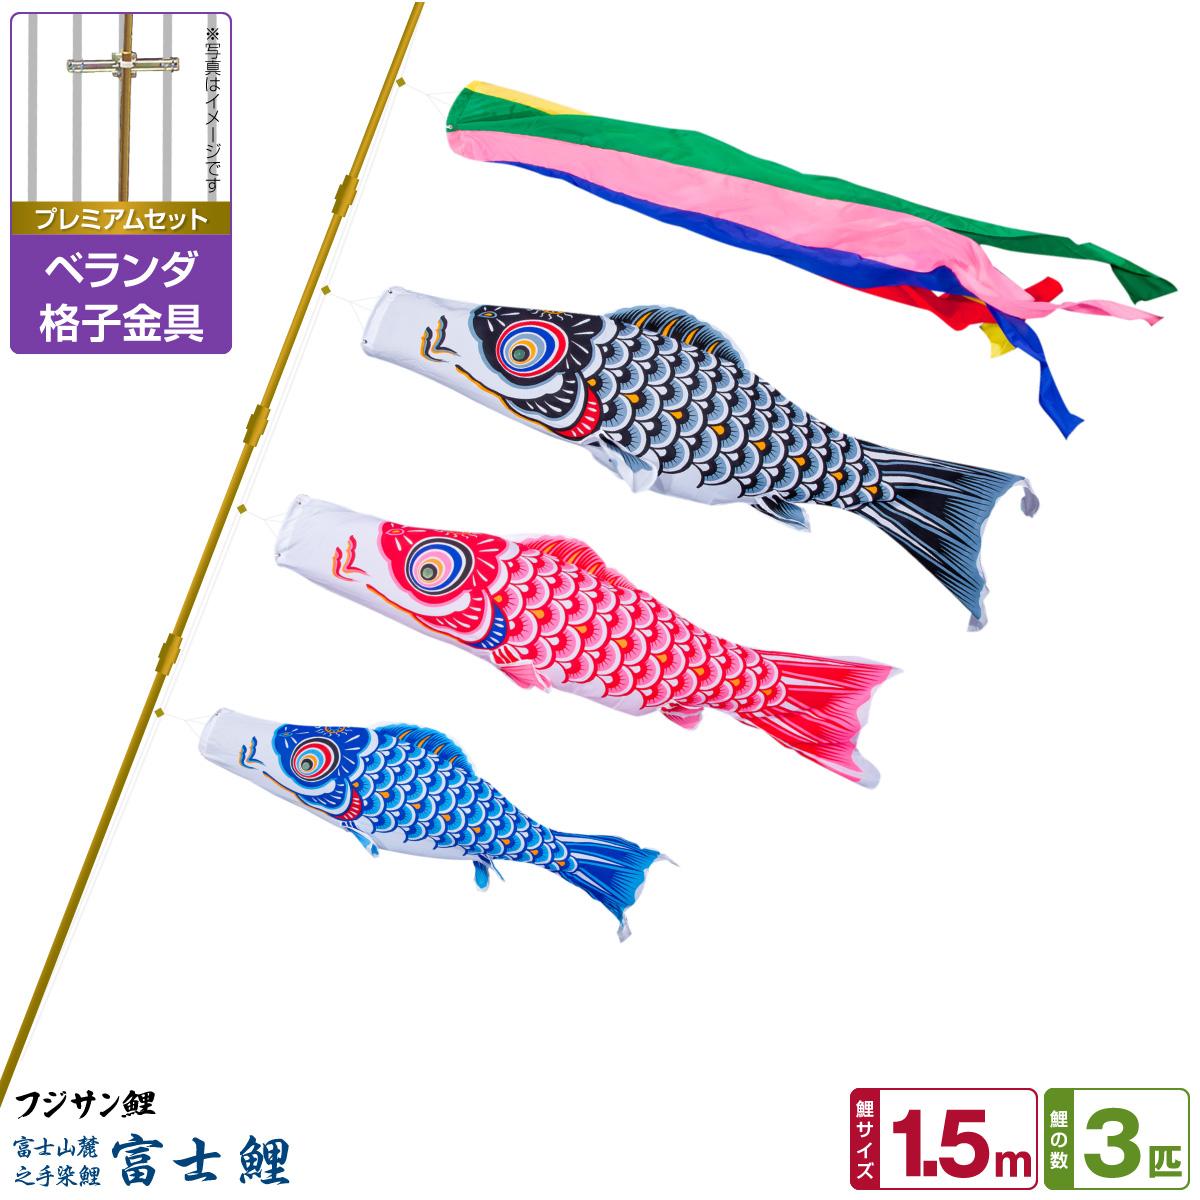 ベランダ用 こいのぼり 鯉のぼり フジサン鯉 富士鯉 1.5m 6点(吹流し+鯉3匹+矢車+ロープ)/プレミアムセット(格子金具)